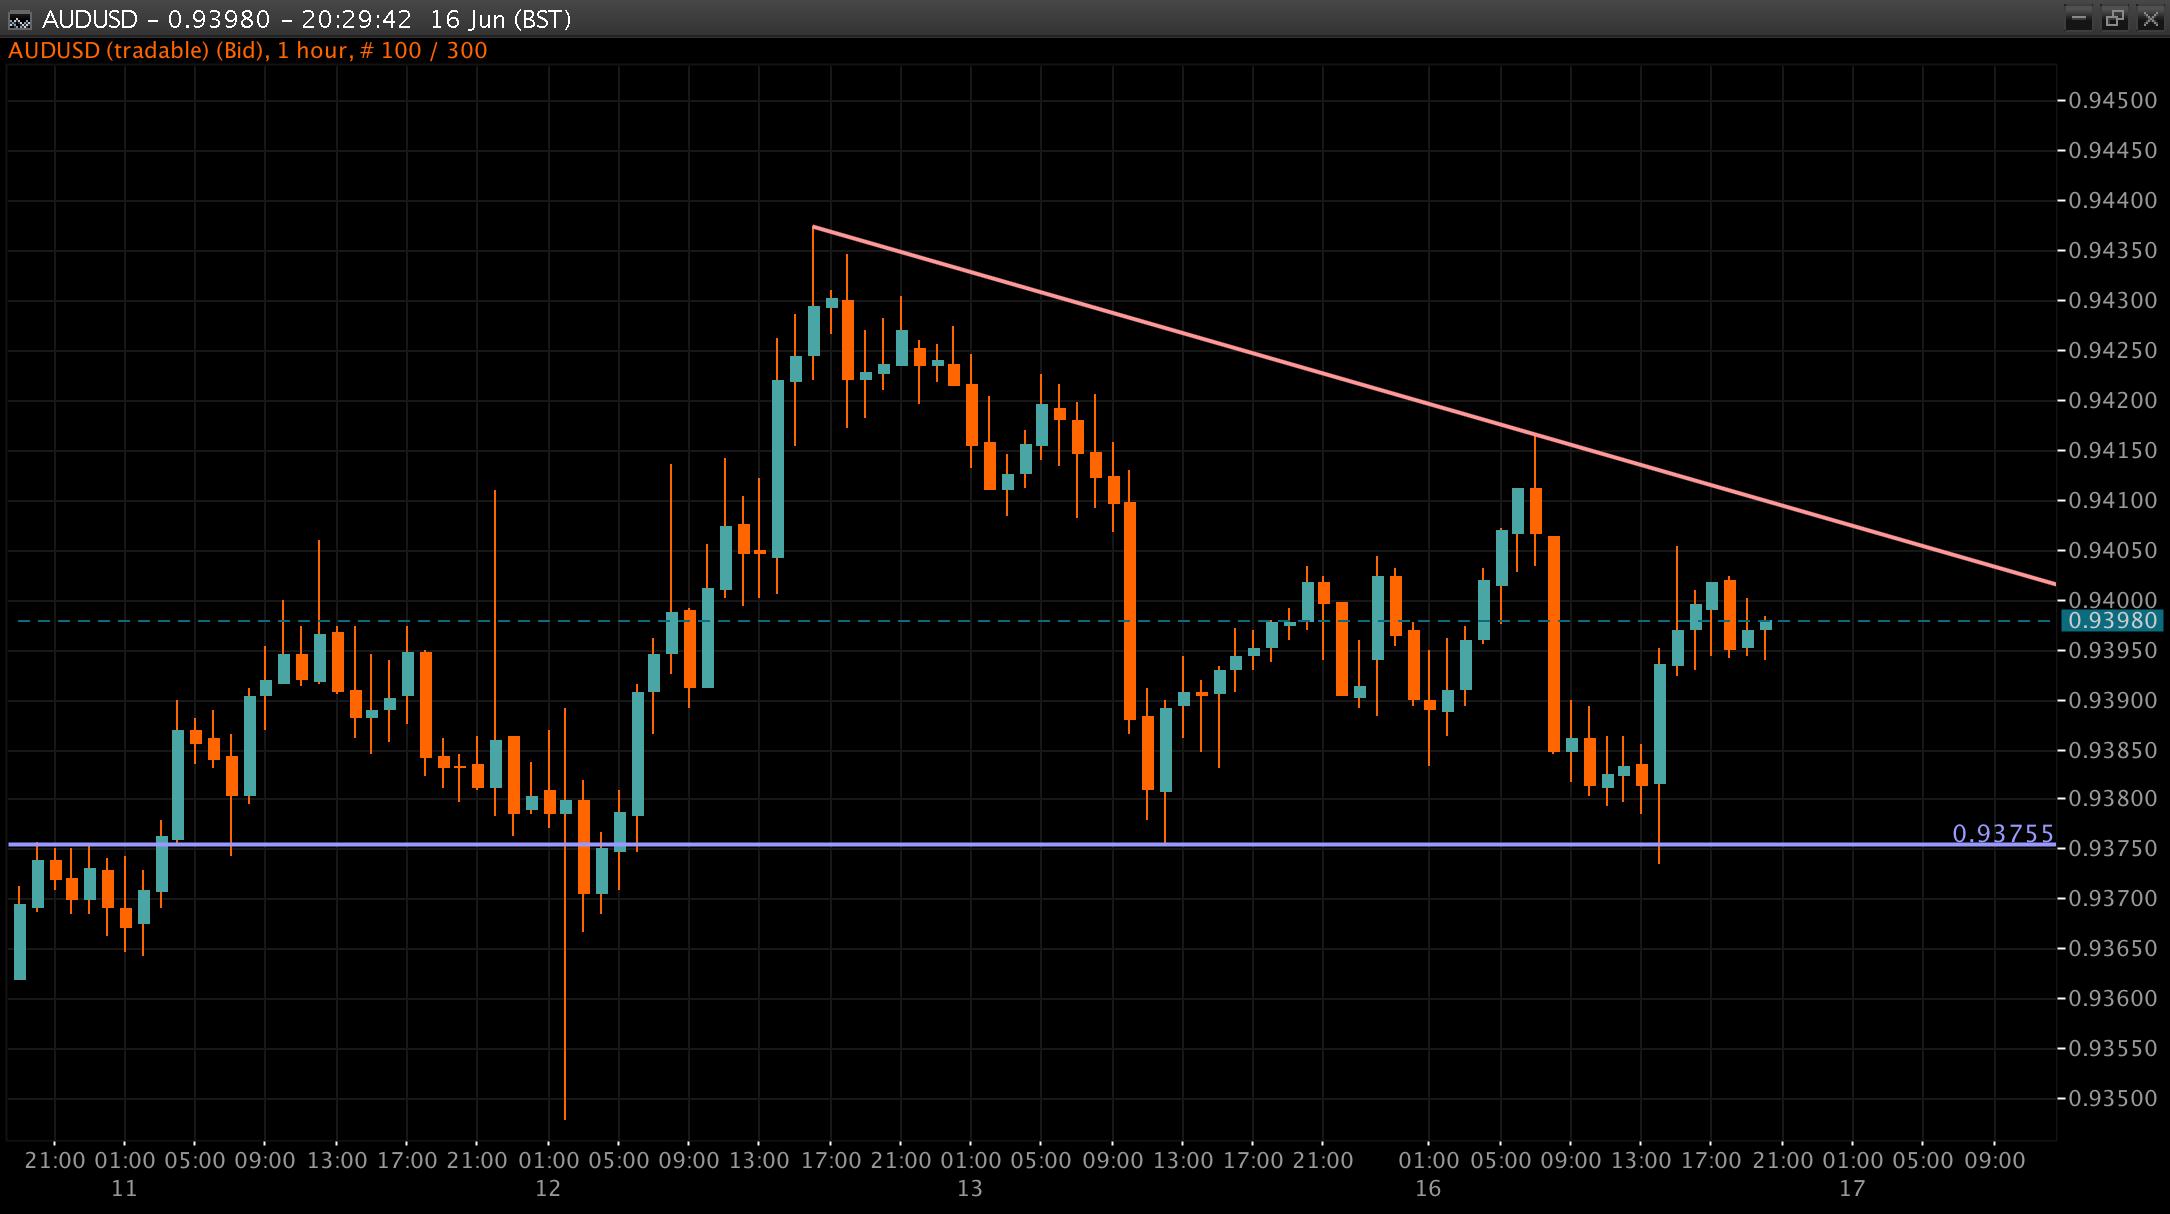 AUD/USD Chart 16 Jun 2014